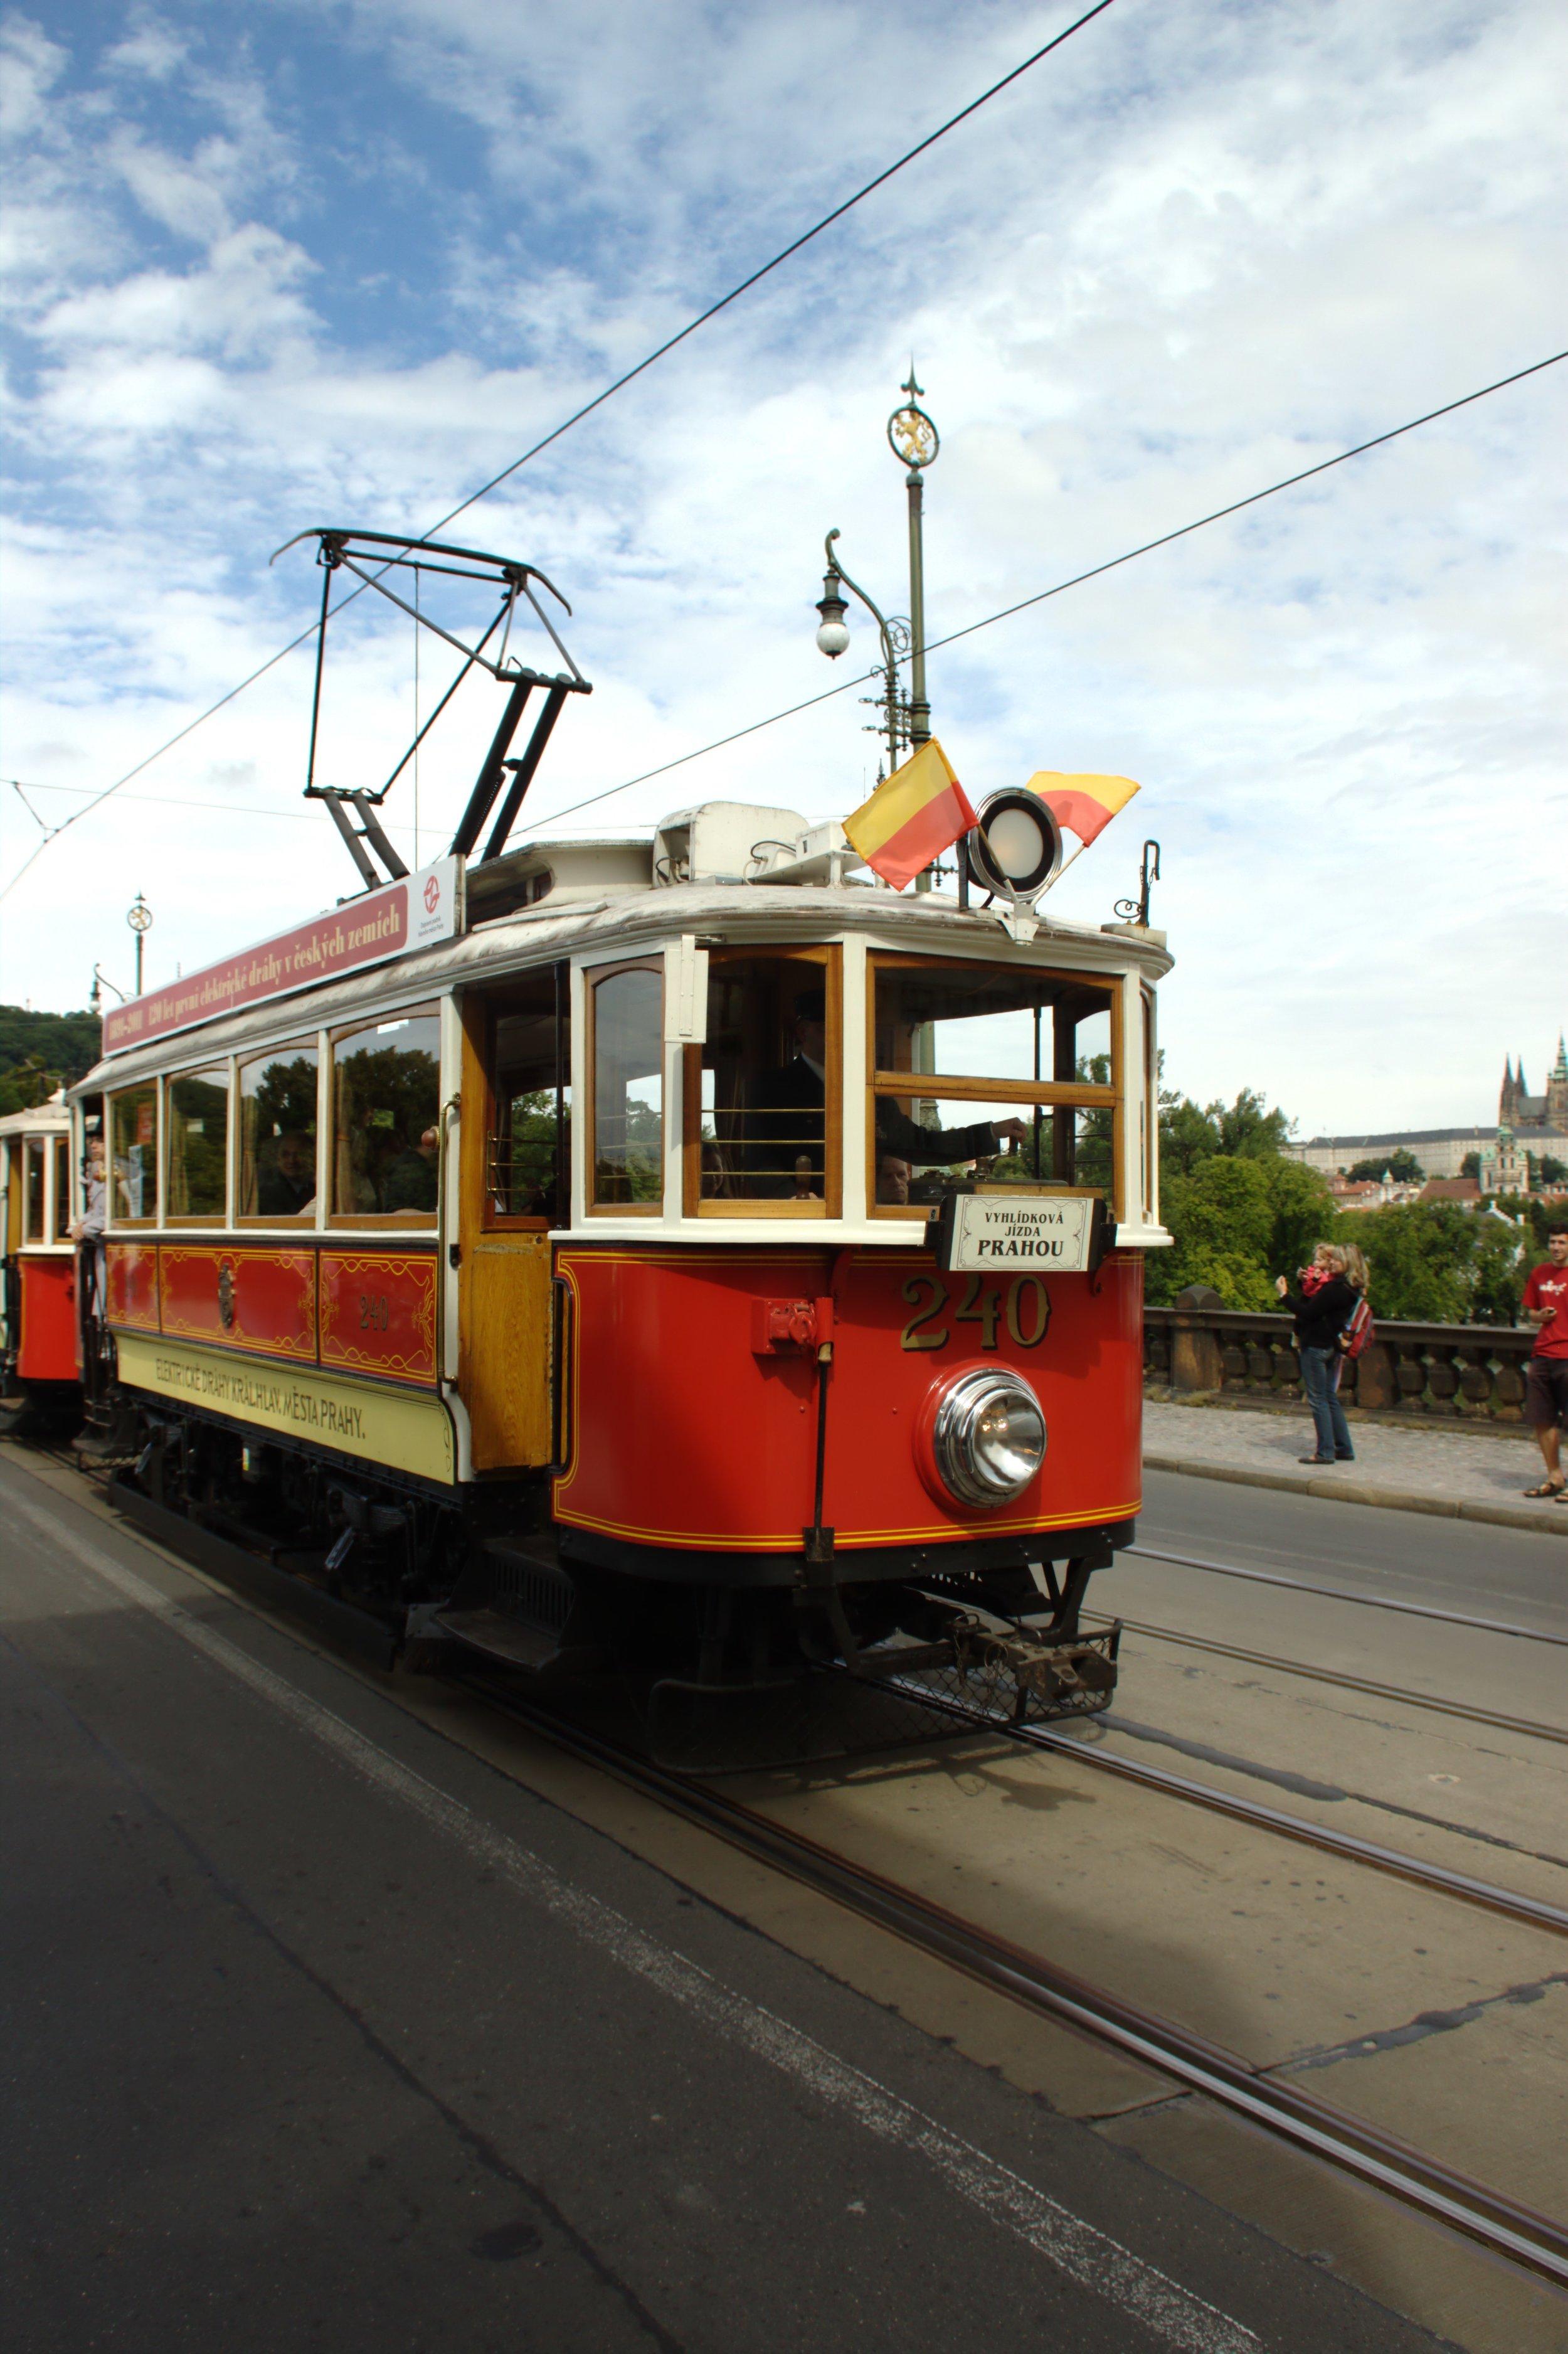 Vůz ev. č. 240 byl v roce 1908 dodán do Prahy, odkud zamířil v roce 1952 do Plzně (zde pod ev. č. 73). Na západě Čech byla tramvaj v provozu s cestujícími do roku 1959, poté byla ještě služební. V roce 1974 zamířila zpět do Prahy, kde dnes po opravě slouží ke komerčním jízdám. (zdroj: Wikipedia.org)